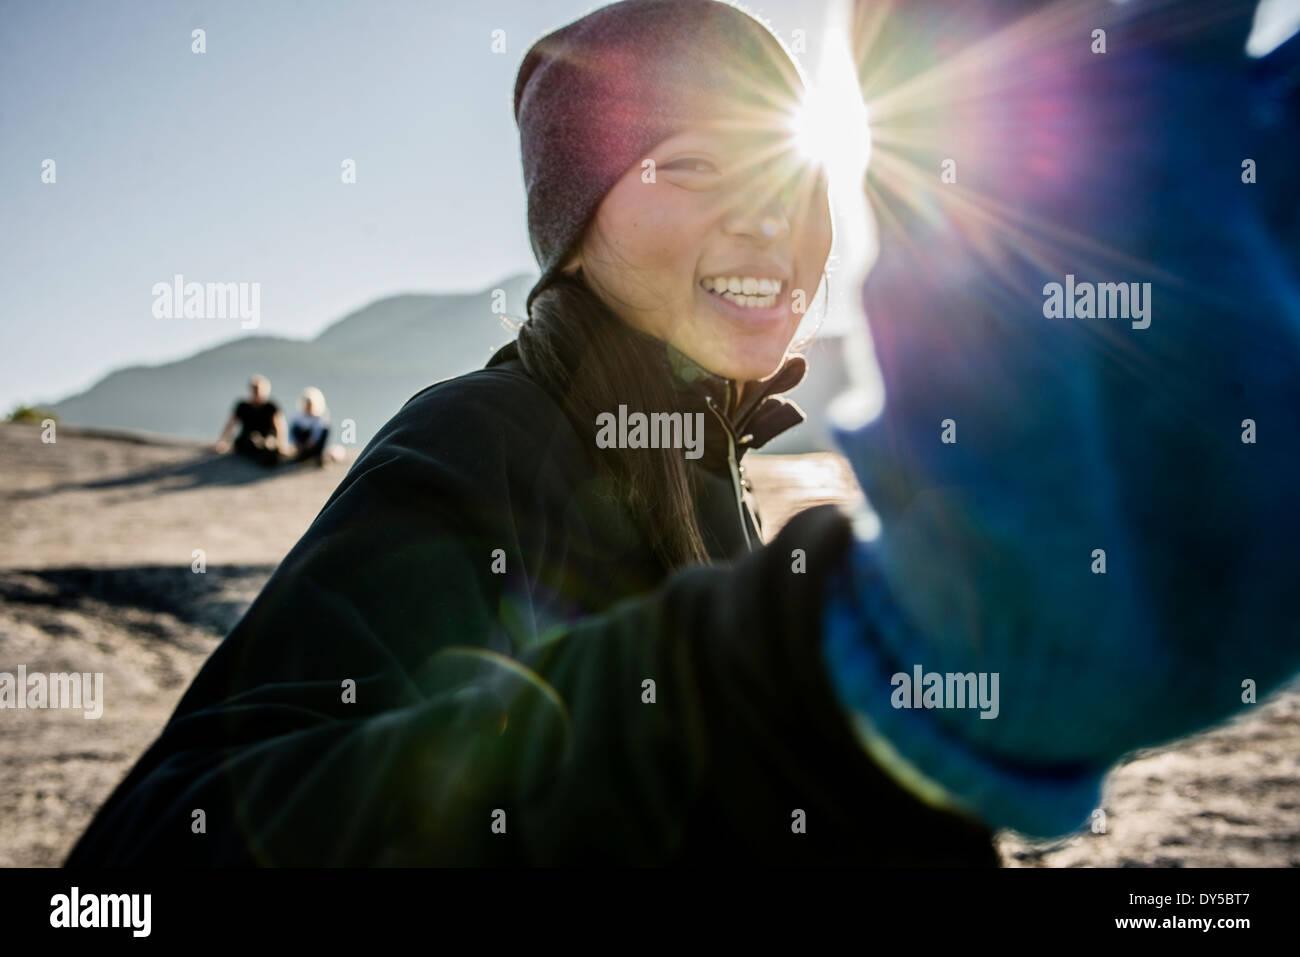 Retrato de mujer joven tímido caminante, Squamish, British Columbia, Canadá Imagen De Stock